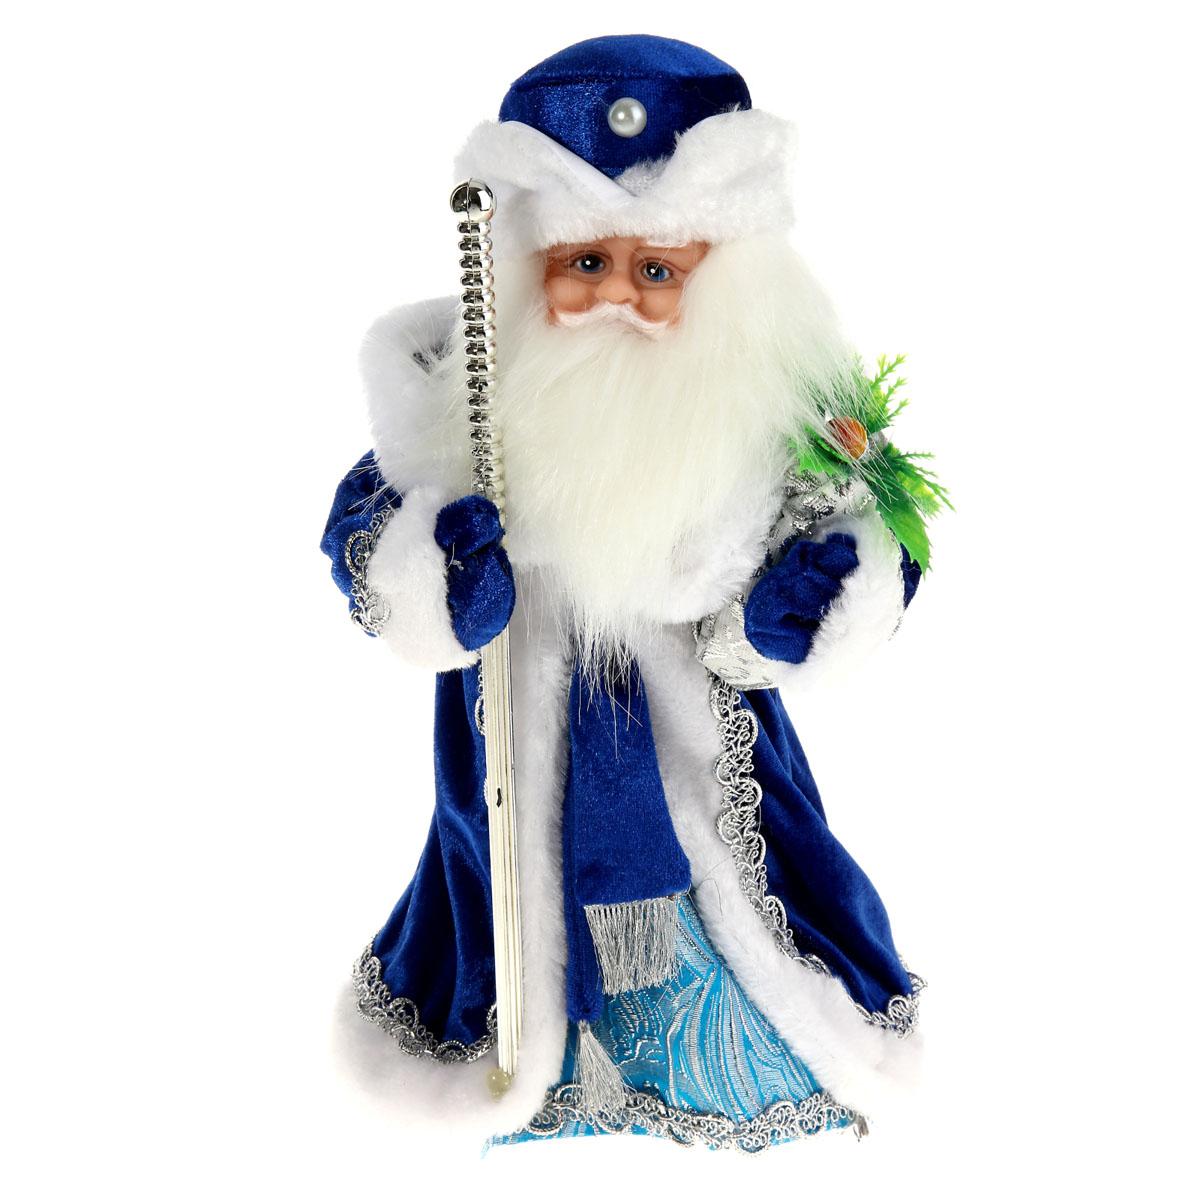 Новогодняя декоративная фигурка Sima-land Дед Мороз, анимированная, высота 28 см. 827839702626Новогодняя декоративная фигурка Деда Мороза выполнена из высококачественного пластика. Дед Мороз одет в шубу с опушкой, украшенную тесьмой и варежки. На голове - шапка в цвет шубы. В одной руке Дед Мороз держит посох, а в другой мешок - с подарками. Игрушка стоит на пластиковой подставке. Особенностью фигурки является наличие механизма, при включении которого играет мелодия, а голова и руки куклы начинают двигаться. Его добрый вид и очаровательная улыбка притягивают к себе восторженные взгляды. Декоративная фигурка Дед Мороз подойдет для оформления новогоднего интерьера и принесет с собой атмосферу радости и веселья. УВАЖАЕМЫЕ КЛИЕНТЫ!Обращаем ваше внимание на тот факт, что декоративная фигурка работает от трех батареек типа АА напряжением 1,5 В. Батарейки в комплект не входят.